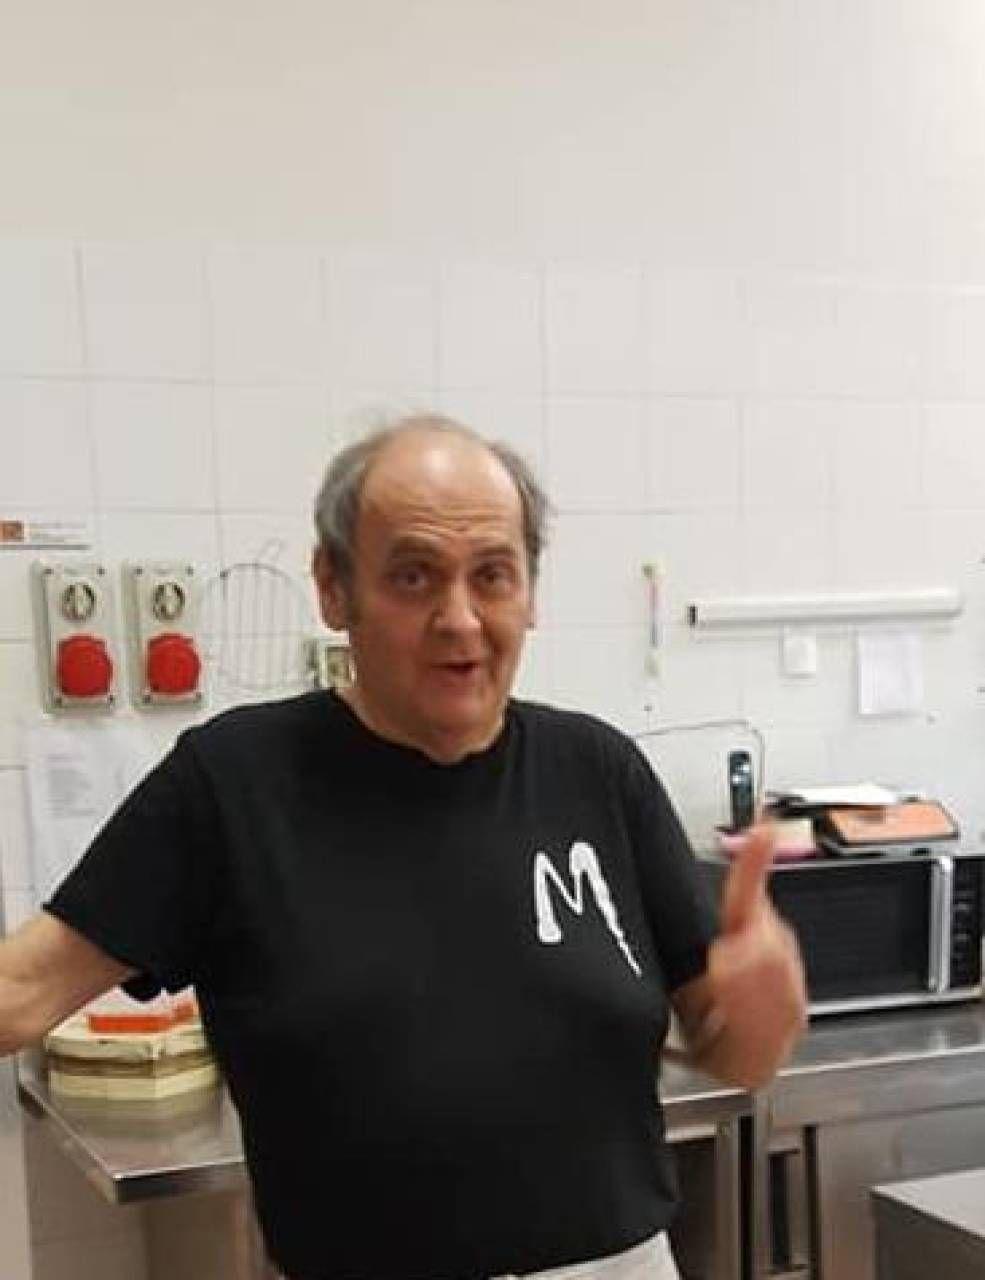 La cucina di Sandro Pioni era molto apprezzata